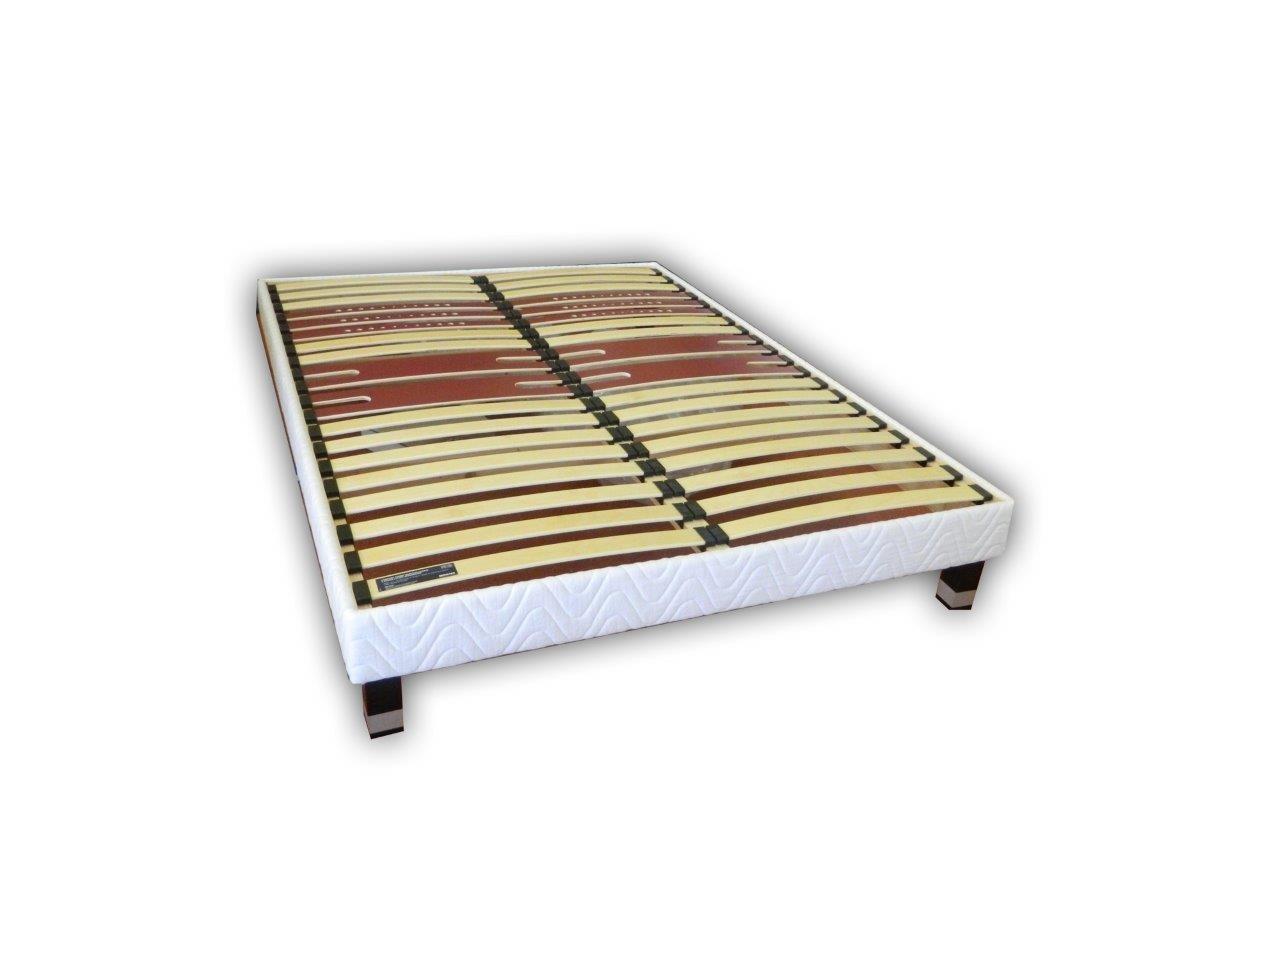 sommier bultex morphologique 5 zones 140x190. Black Bedroom Furniture Sets. Home Design Ideas